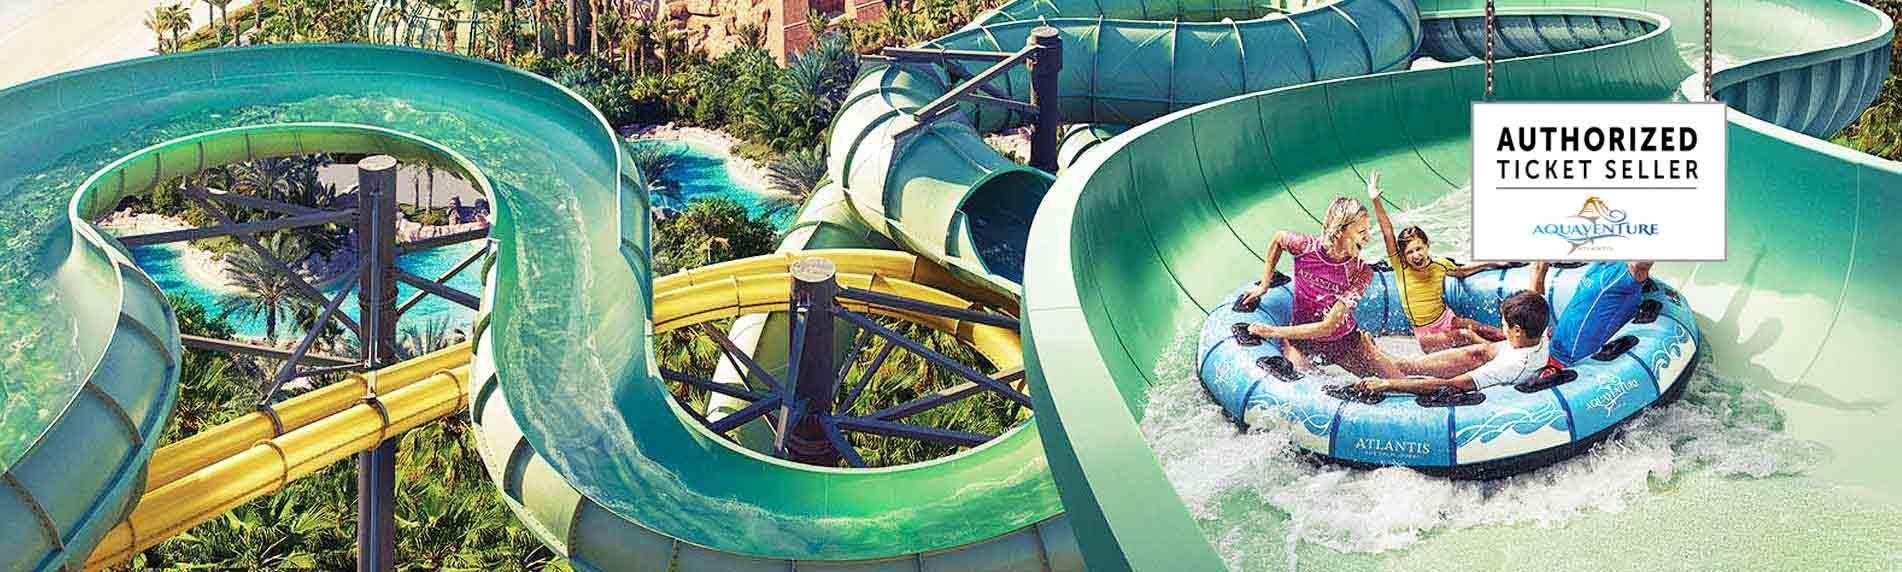 Atlantis Activities